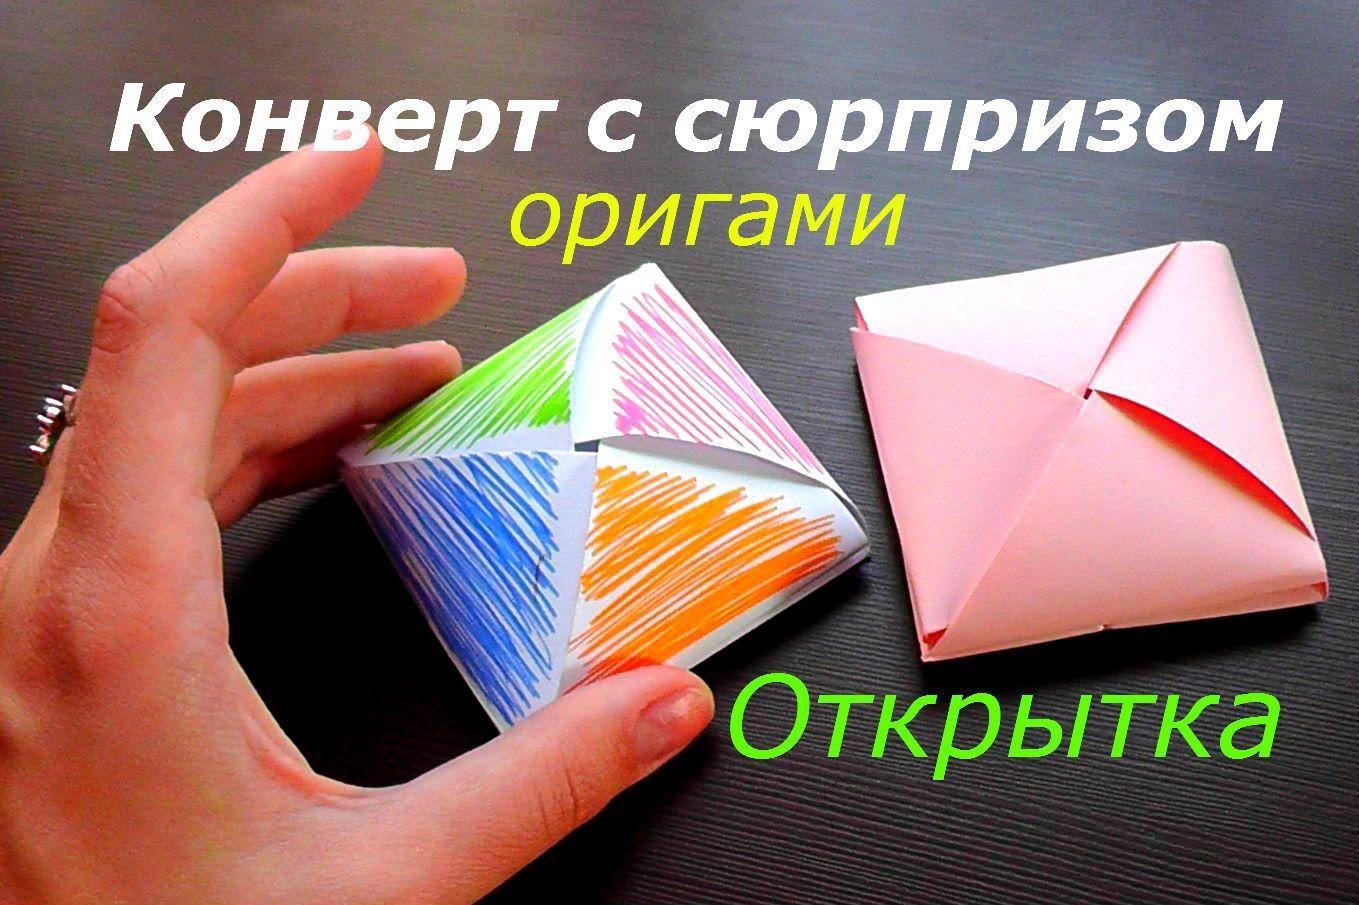 Оригами открытка конверт с сюрпризом, картинки юбилеем дочери